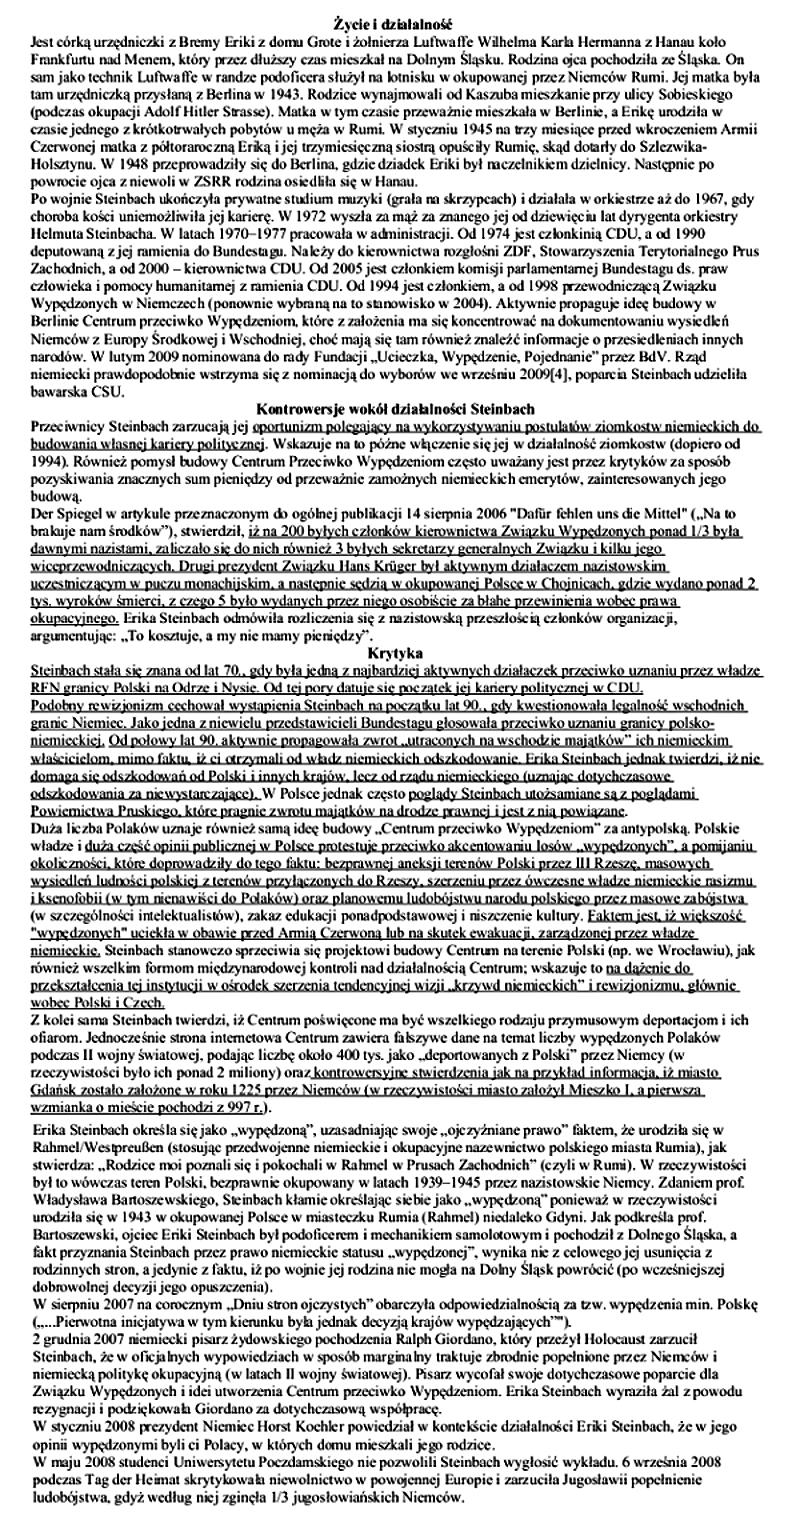 o-erice-steinbach-z-wikipedii.png